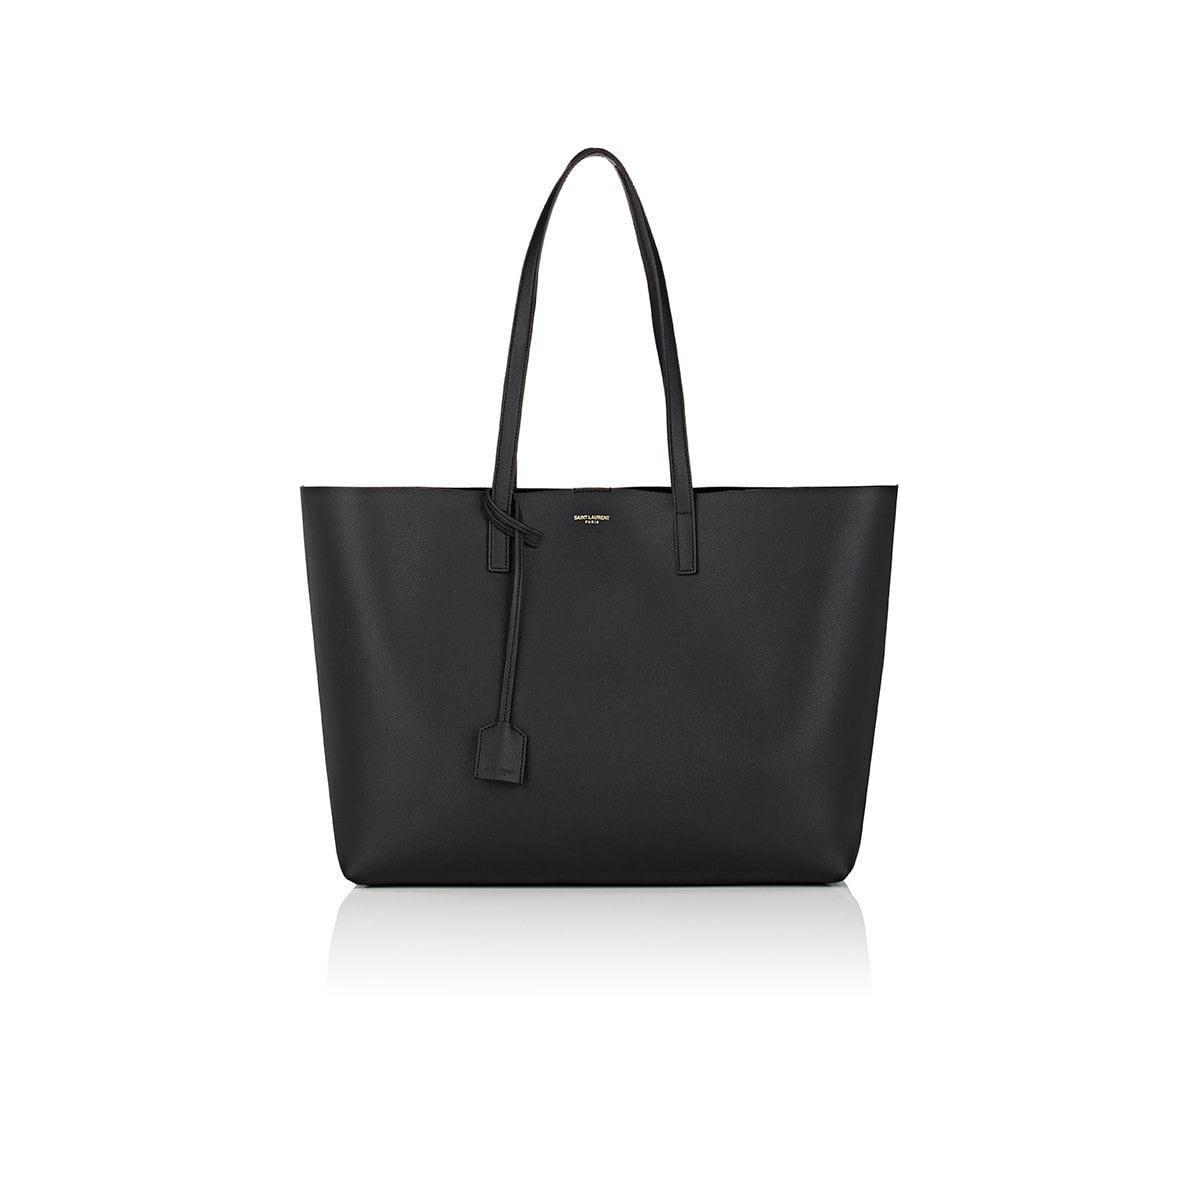 lyst saint laurent large shopper tote bag in black. Black Bedroom Furniture Sets. Home Design Ideas